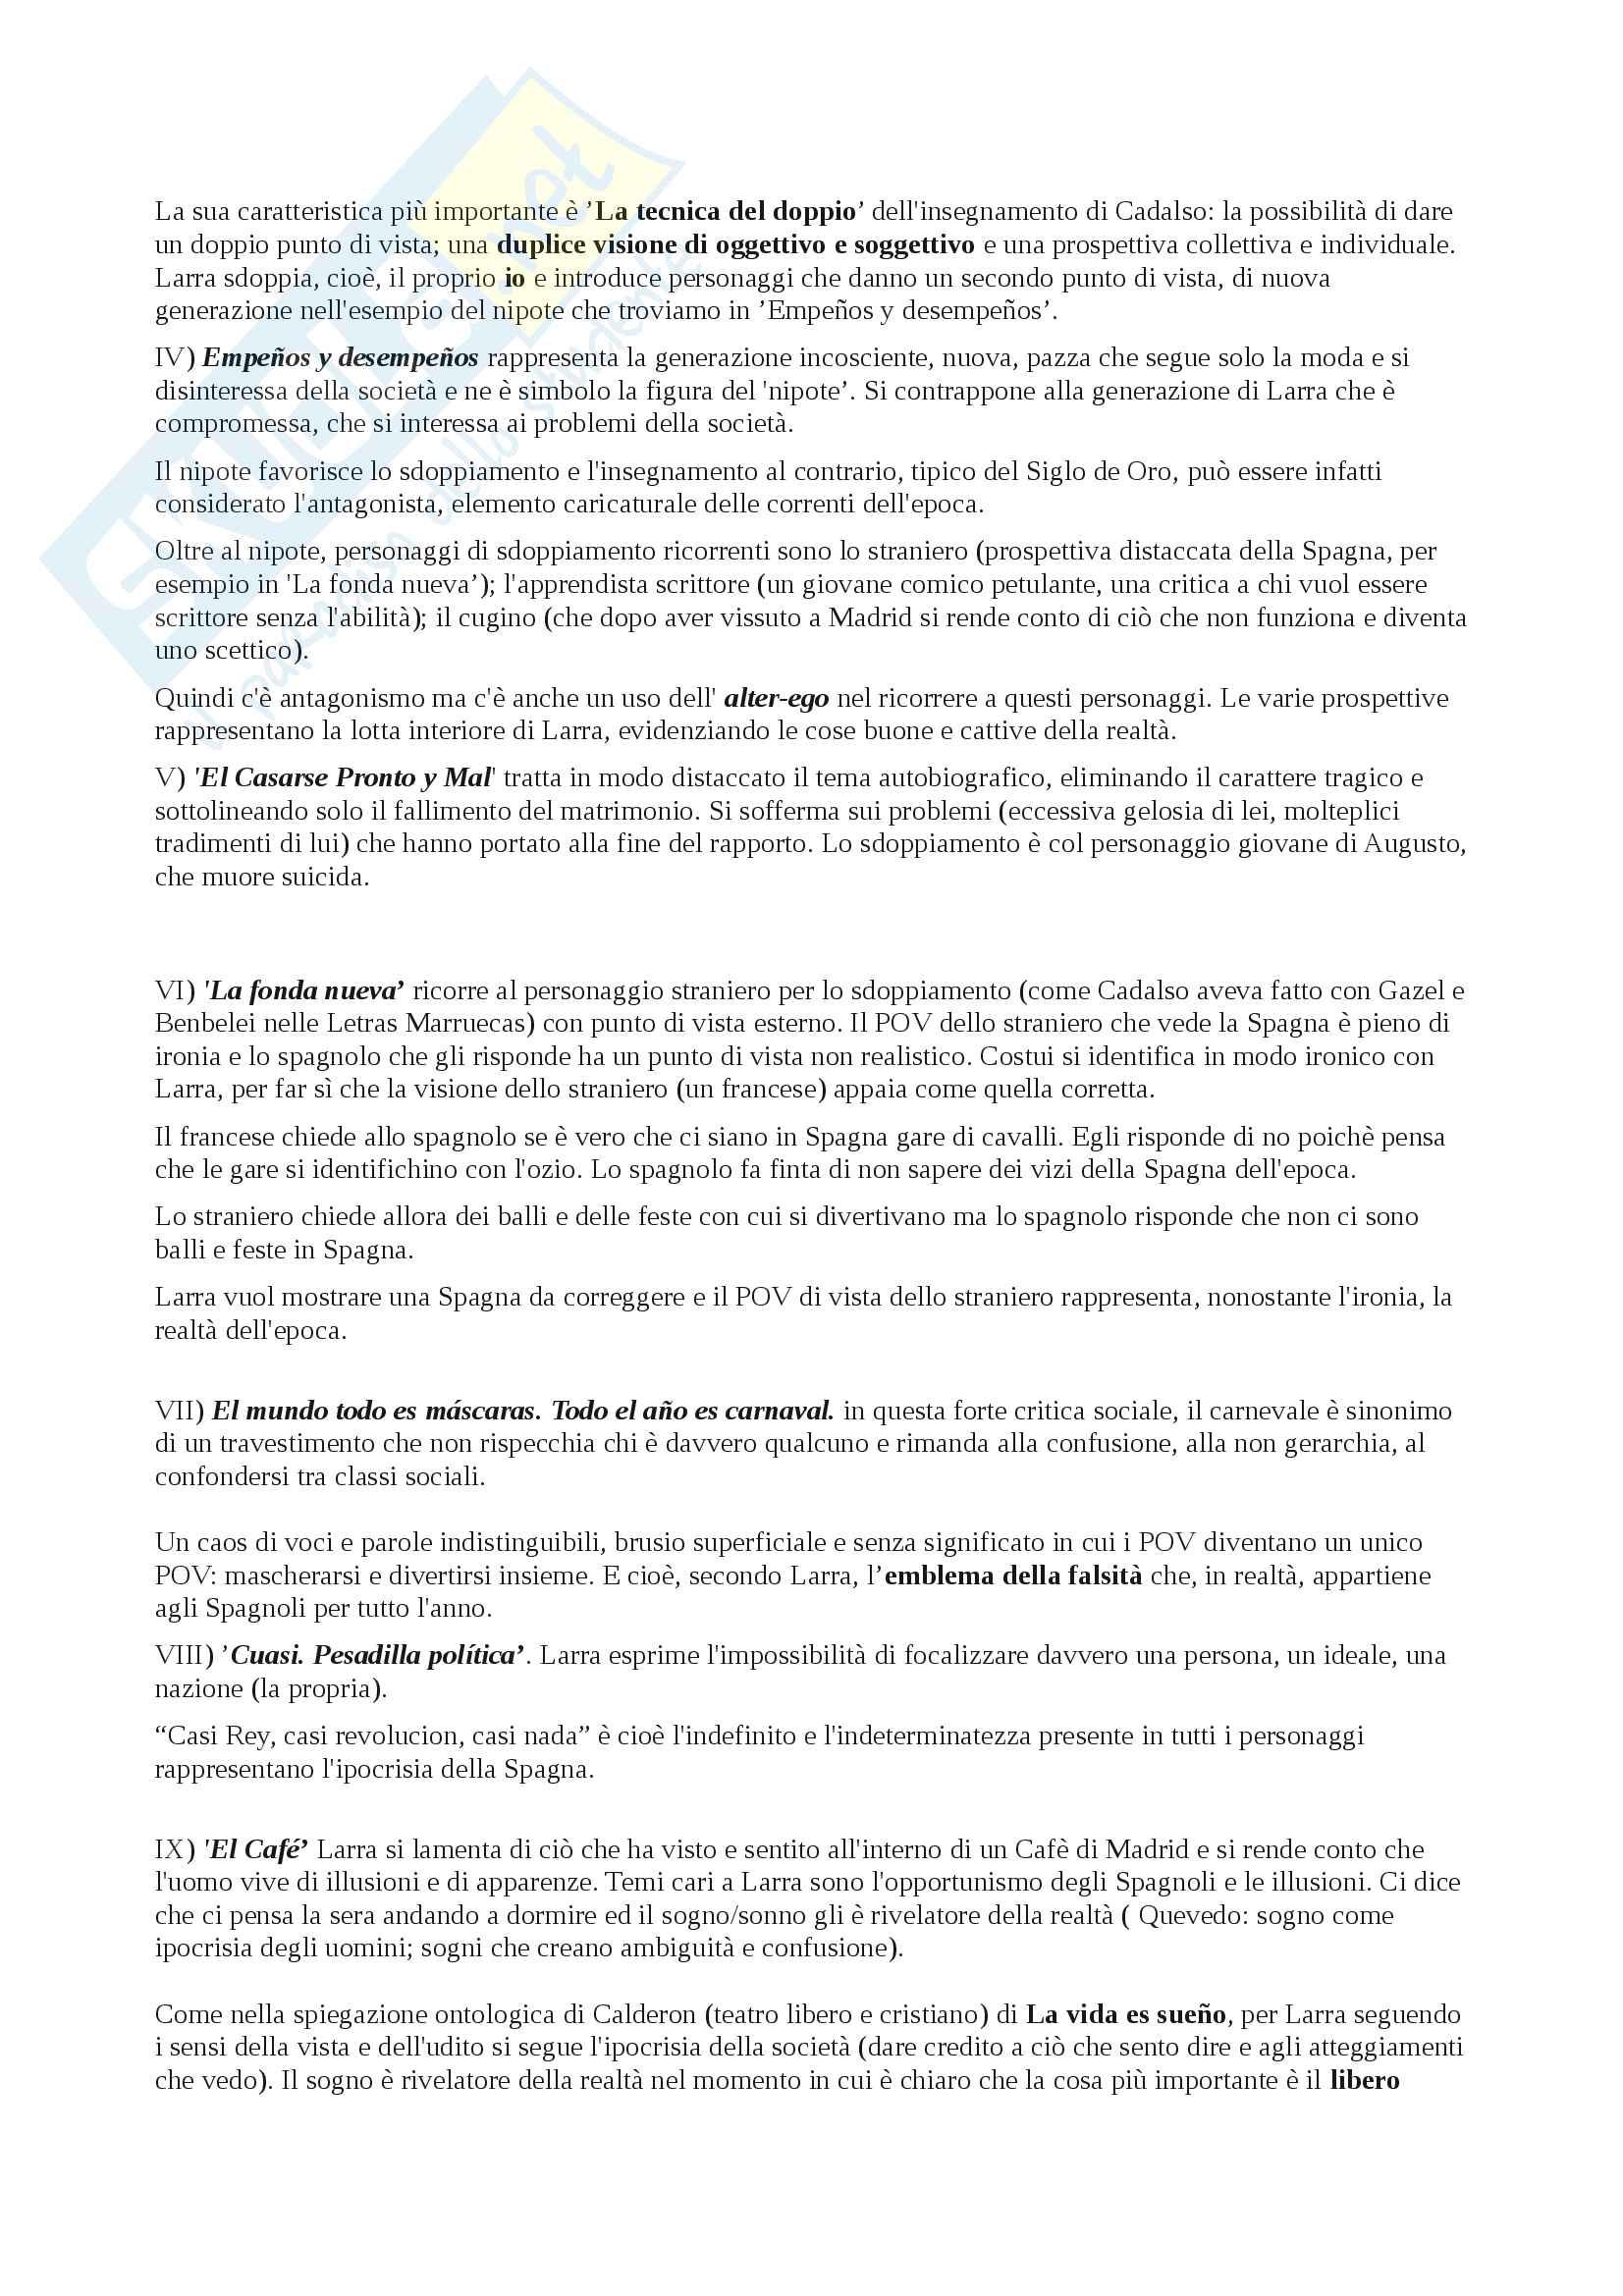 Appunti su Mariano José De Larra aa 2013 Pag. 2